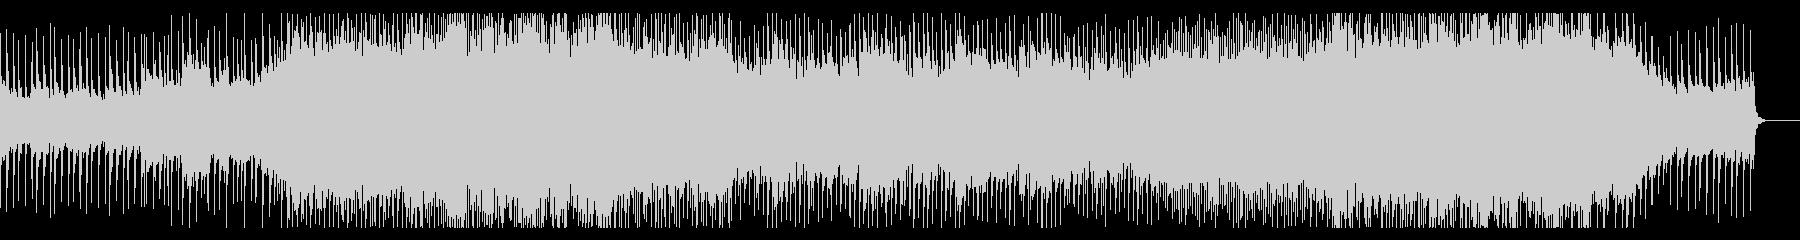 バイオリンの爽やかなポップロック2の未再生の波形